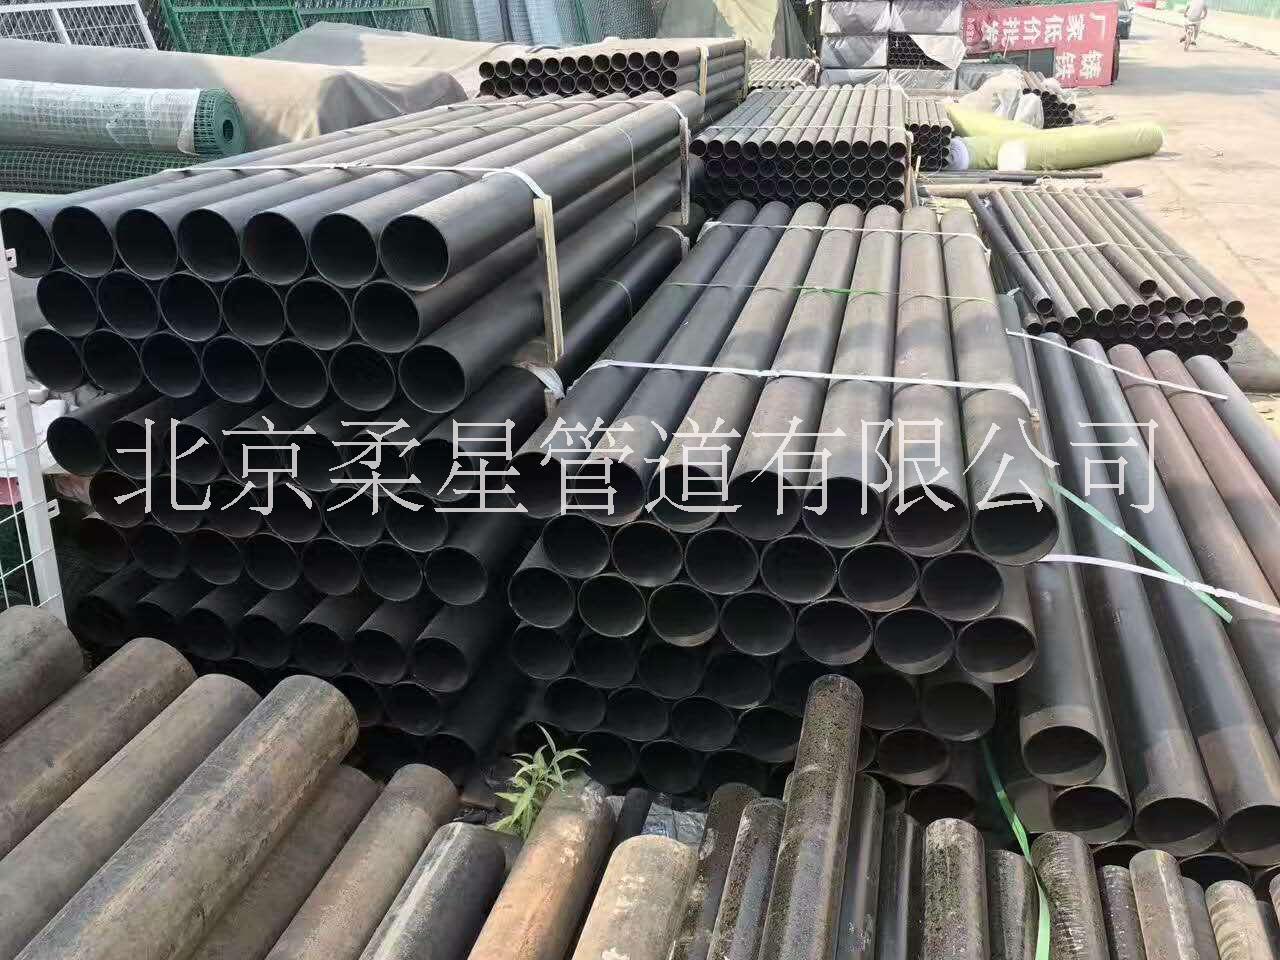 供应A型柔性接口和W型无承口管箍式铸铁排水管及管件生产厂家